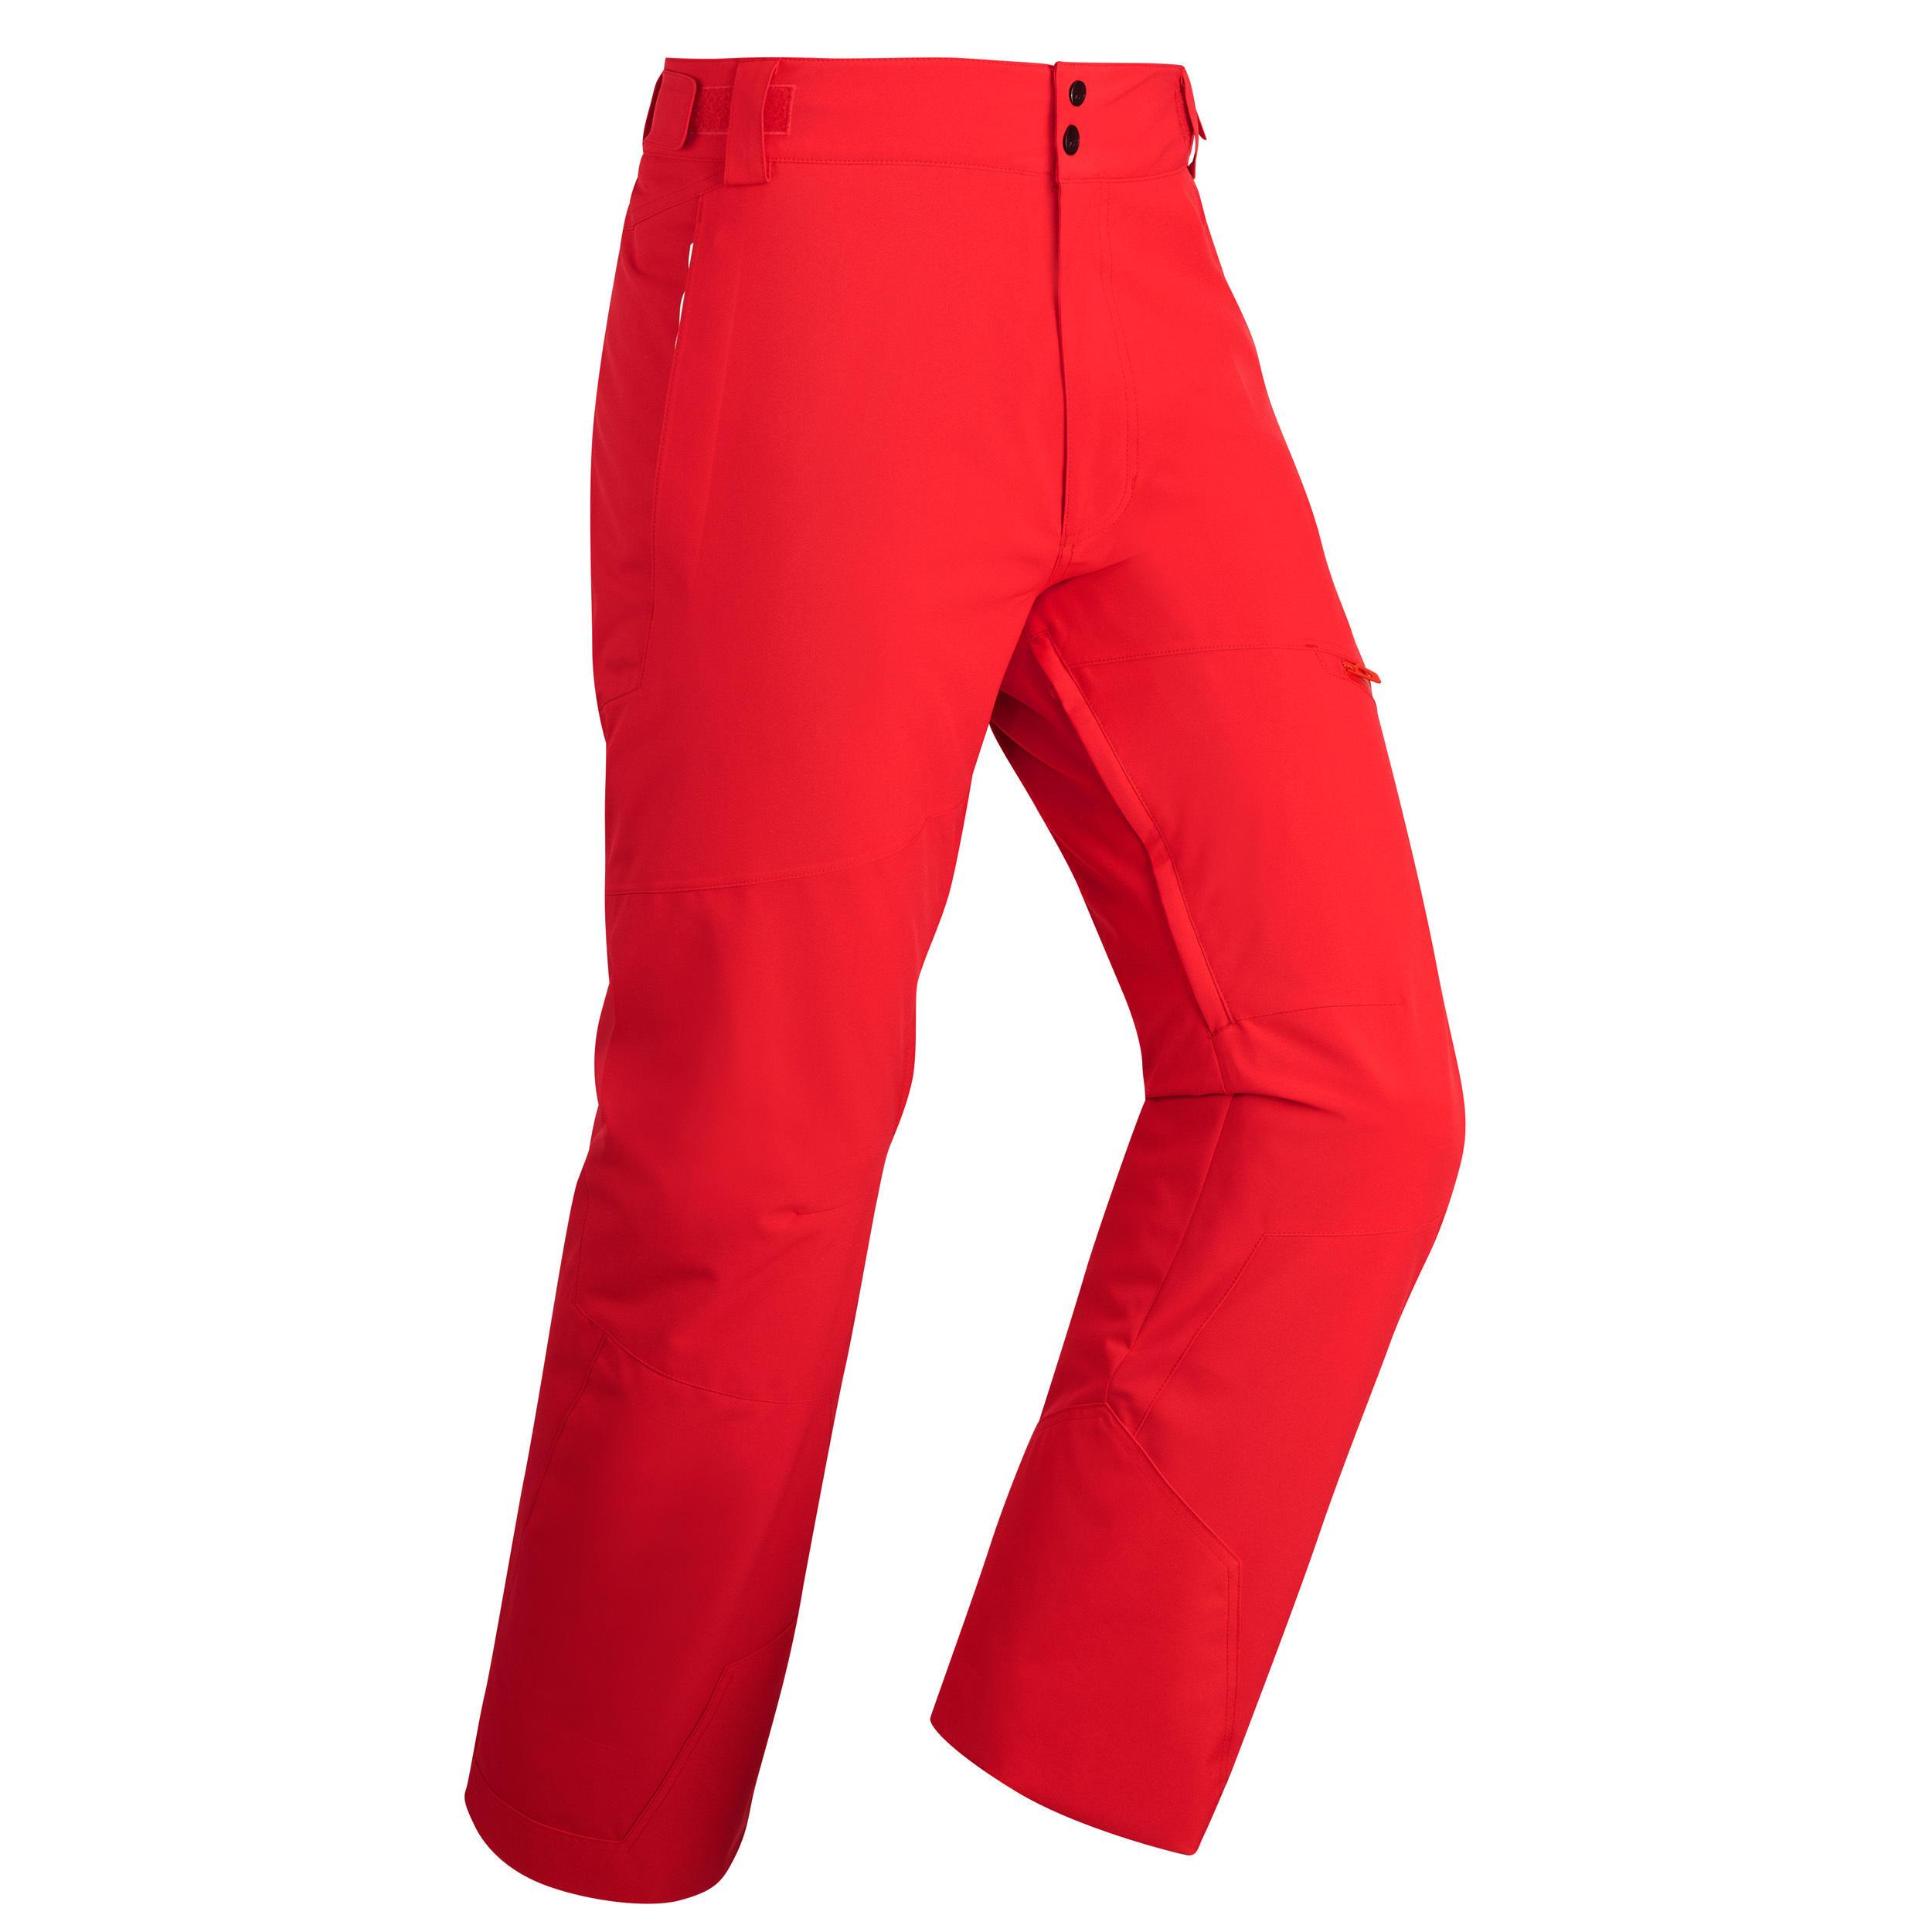 Pantalon Schi 500 Bărbați